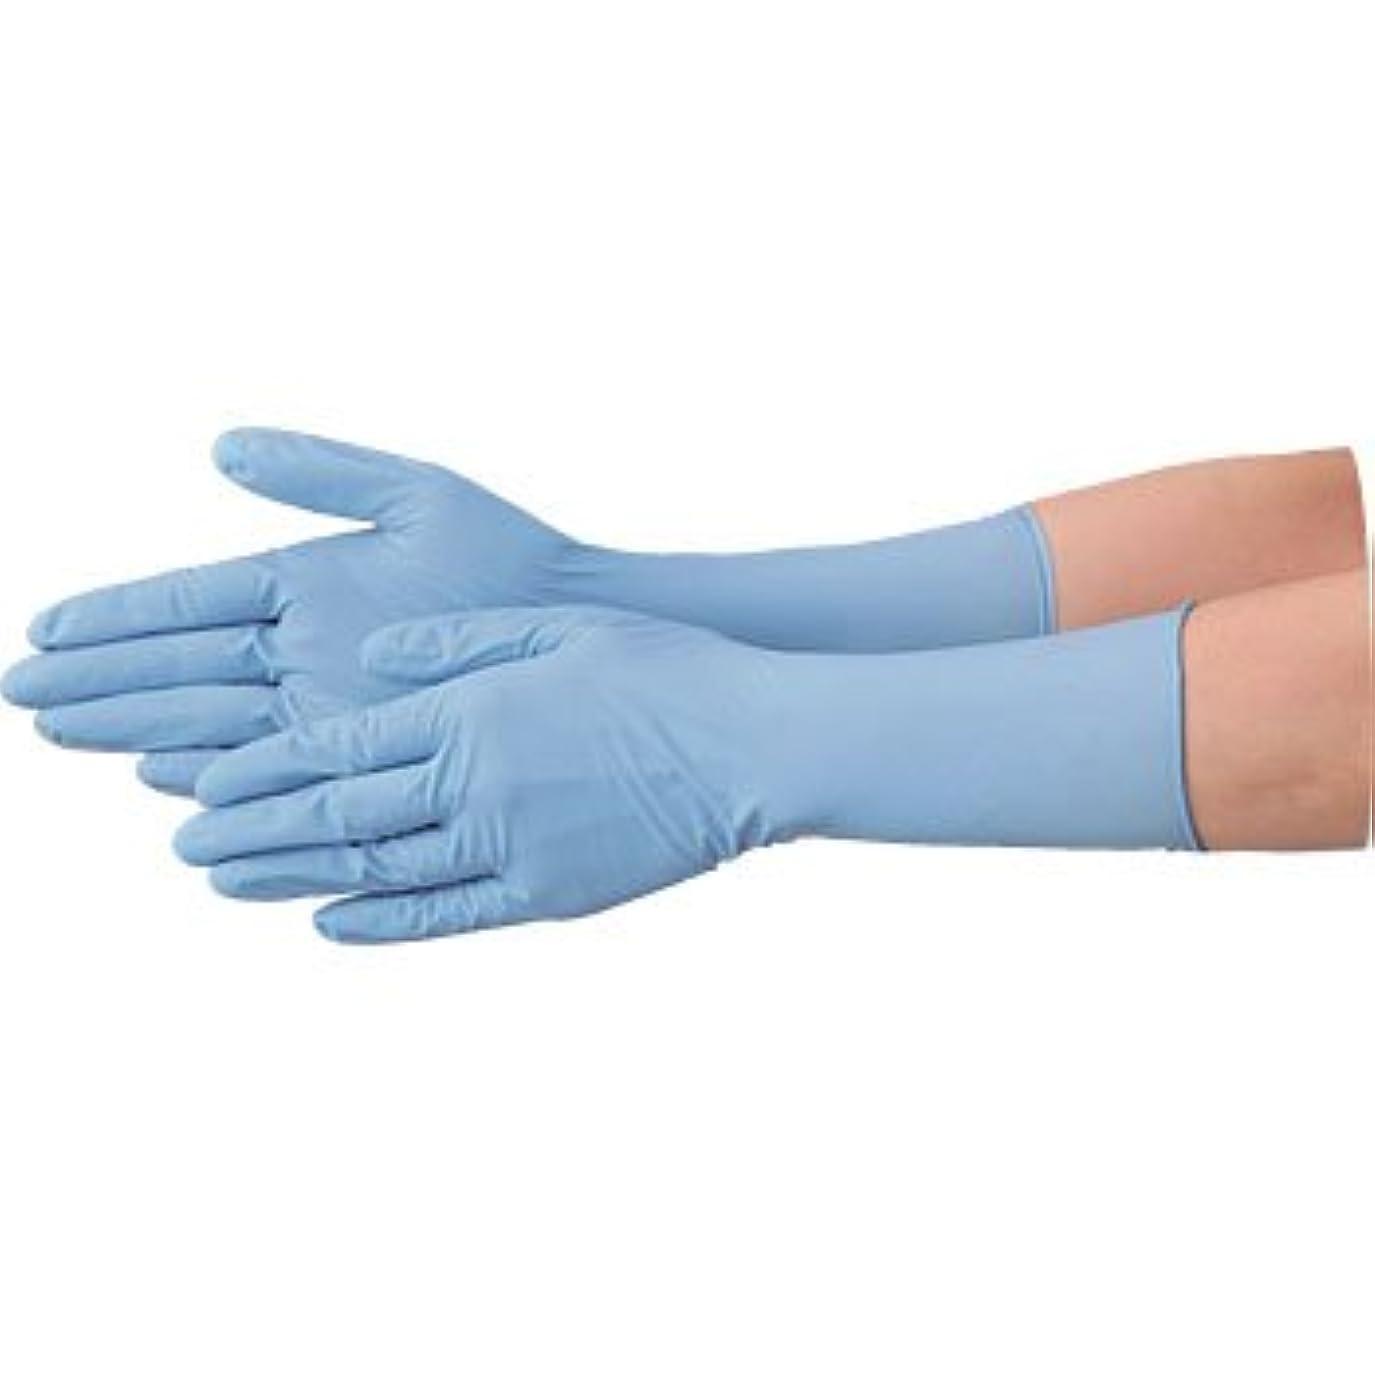 パプアニューギニア偶然保護する使い捨て 手袋 エブノ 528 ニトリル ロング手袋 パウダーフリー 全長29cm ブルー Sサイズ 2ケース(100枚×40箱)